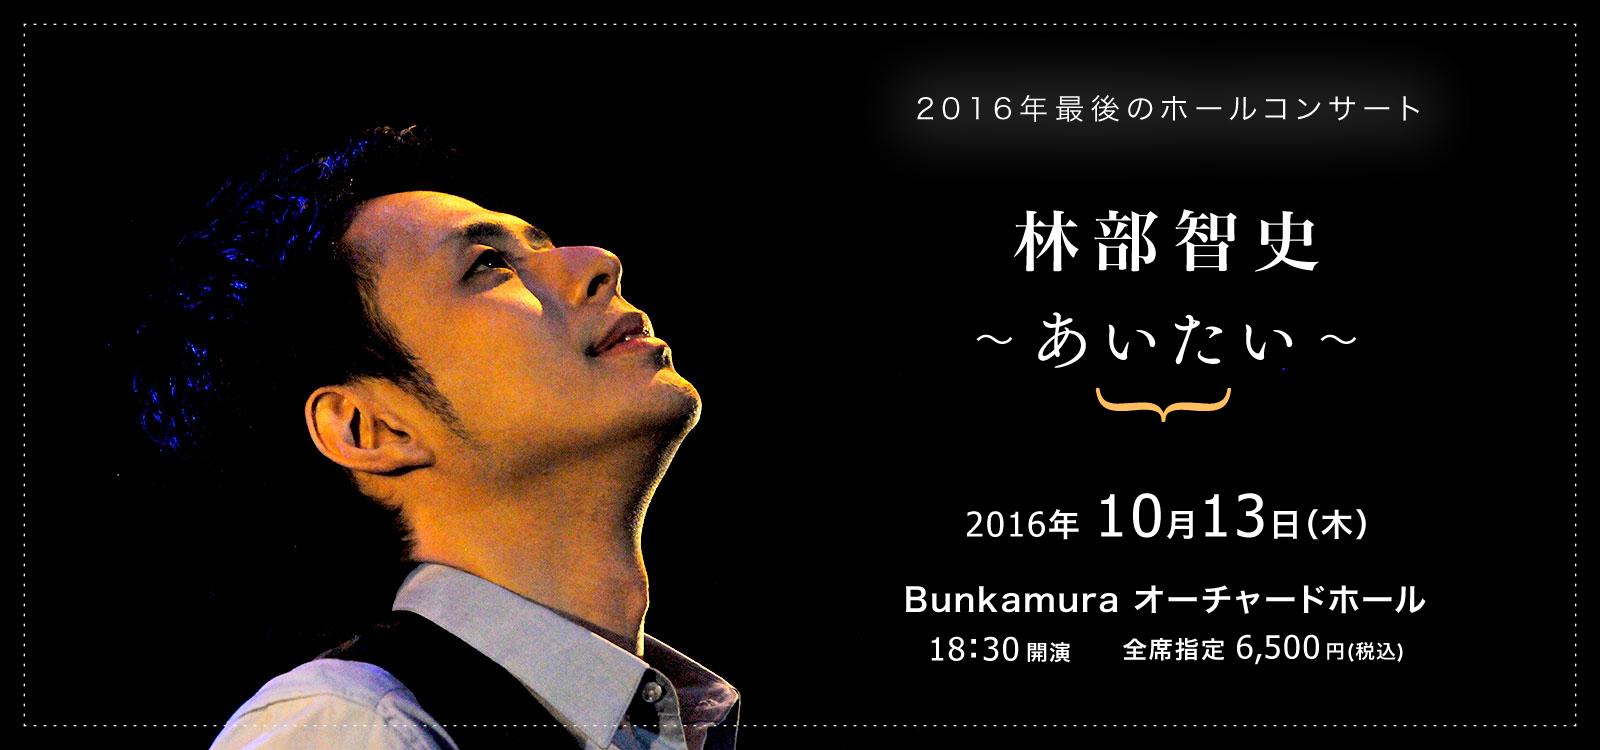 林部智史 ~あいたい~ Bunkamura オーチャードホール